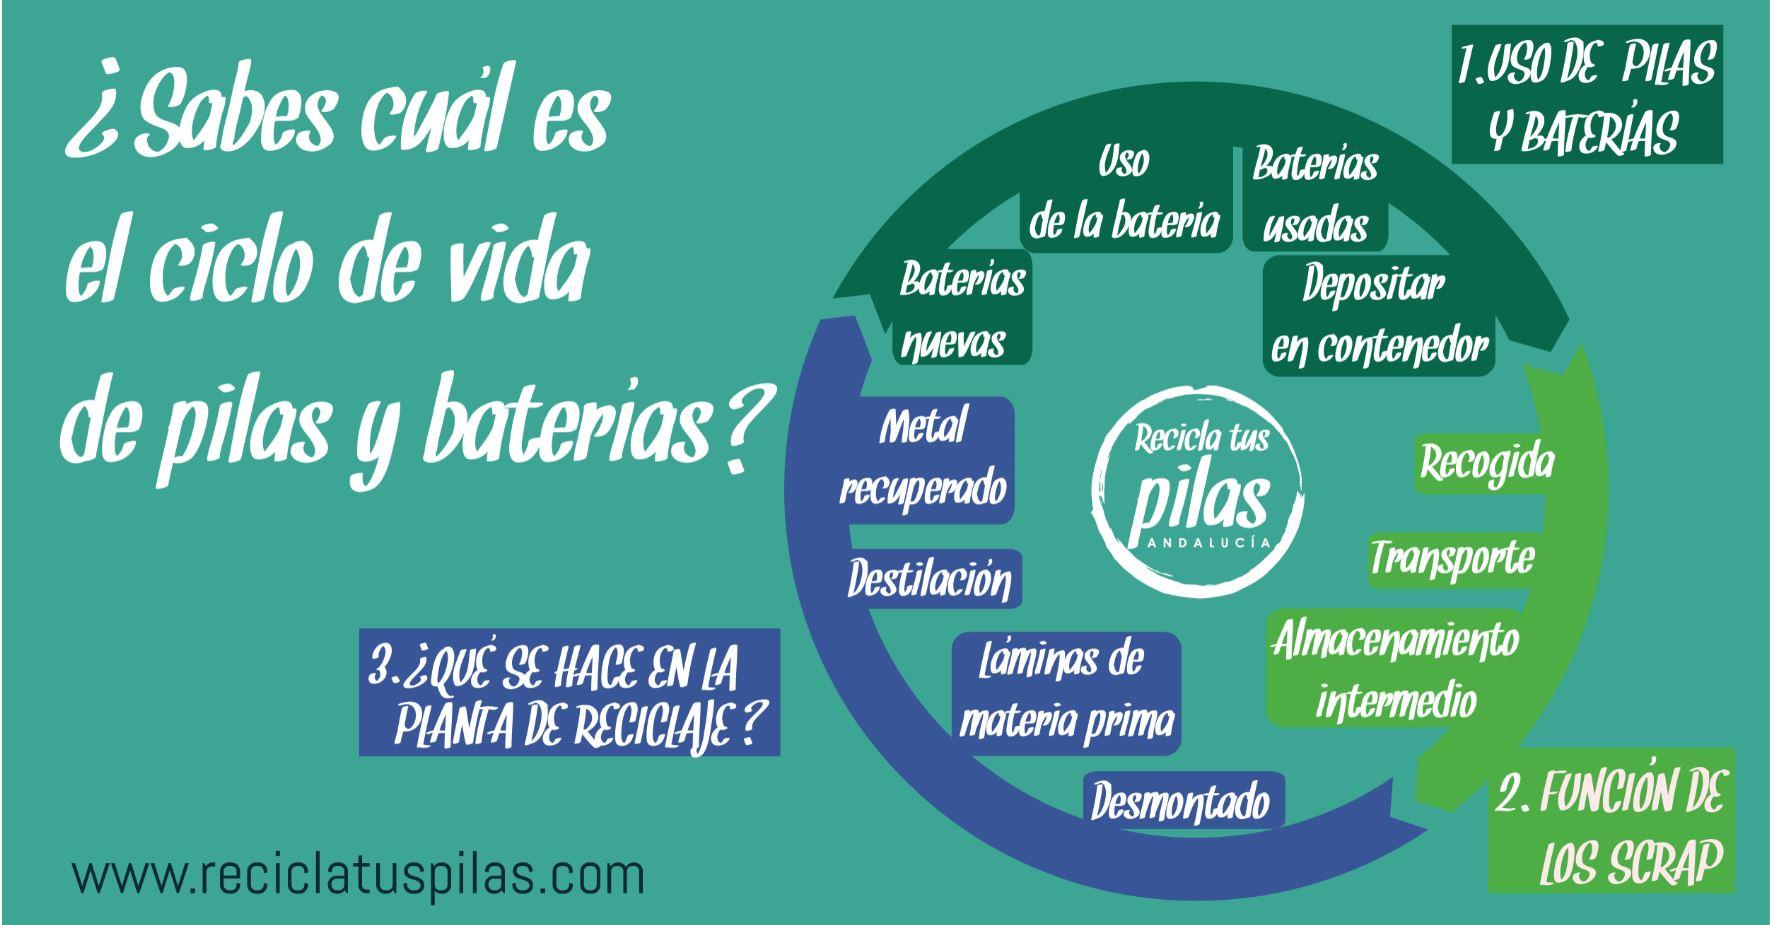 ciclo de vida de pilas y baterías